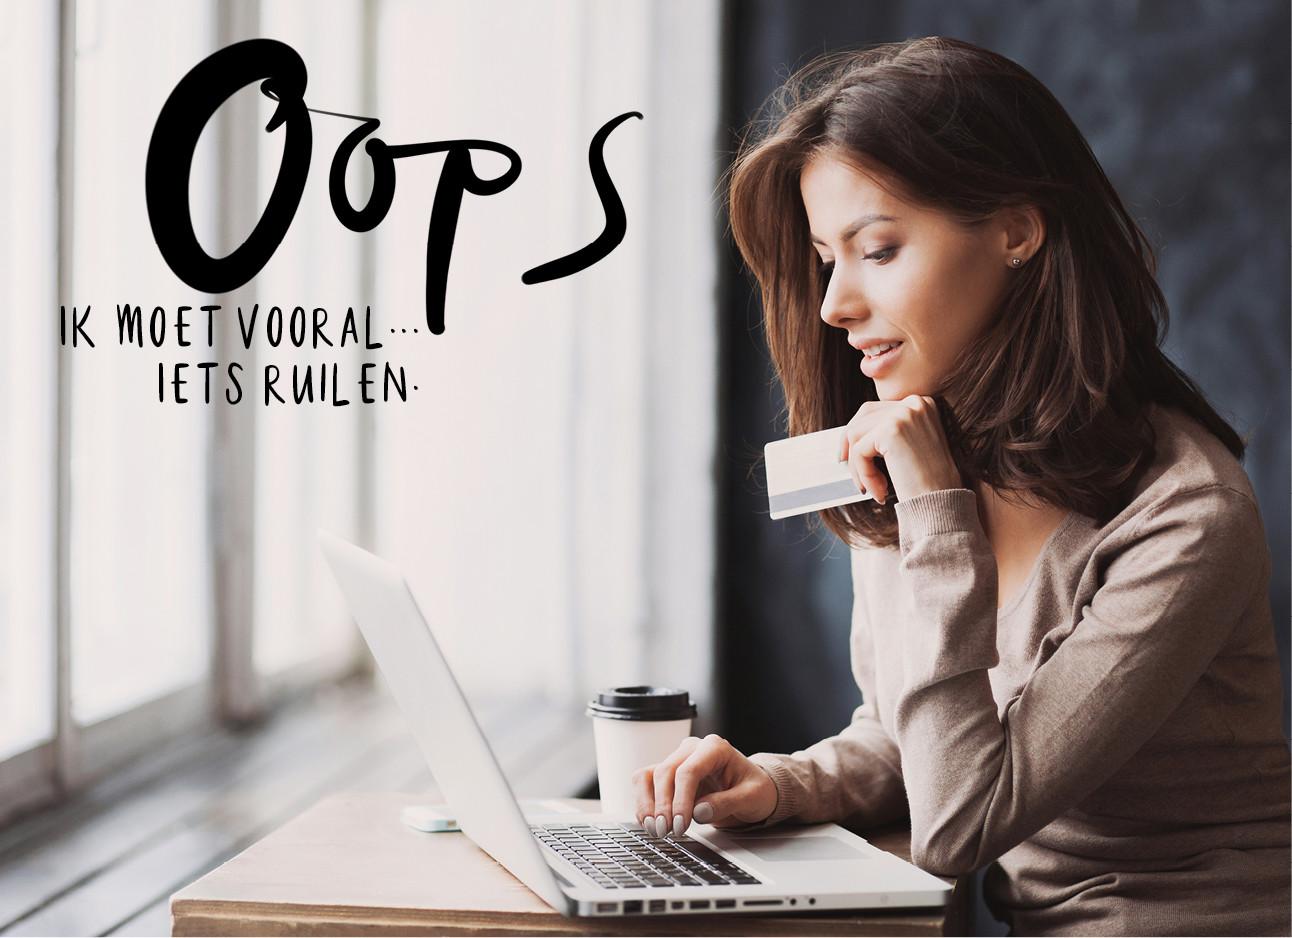 een meisje dat achter haar laptop zit met een pinpas in haar hand